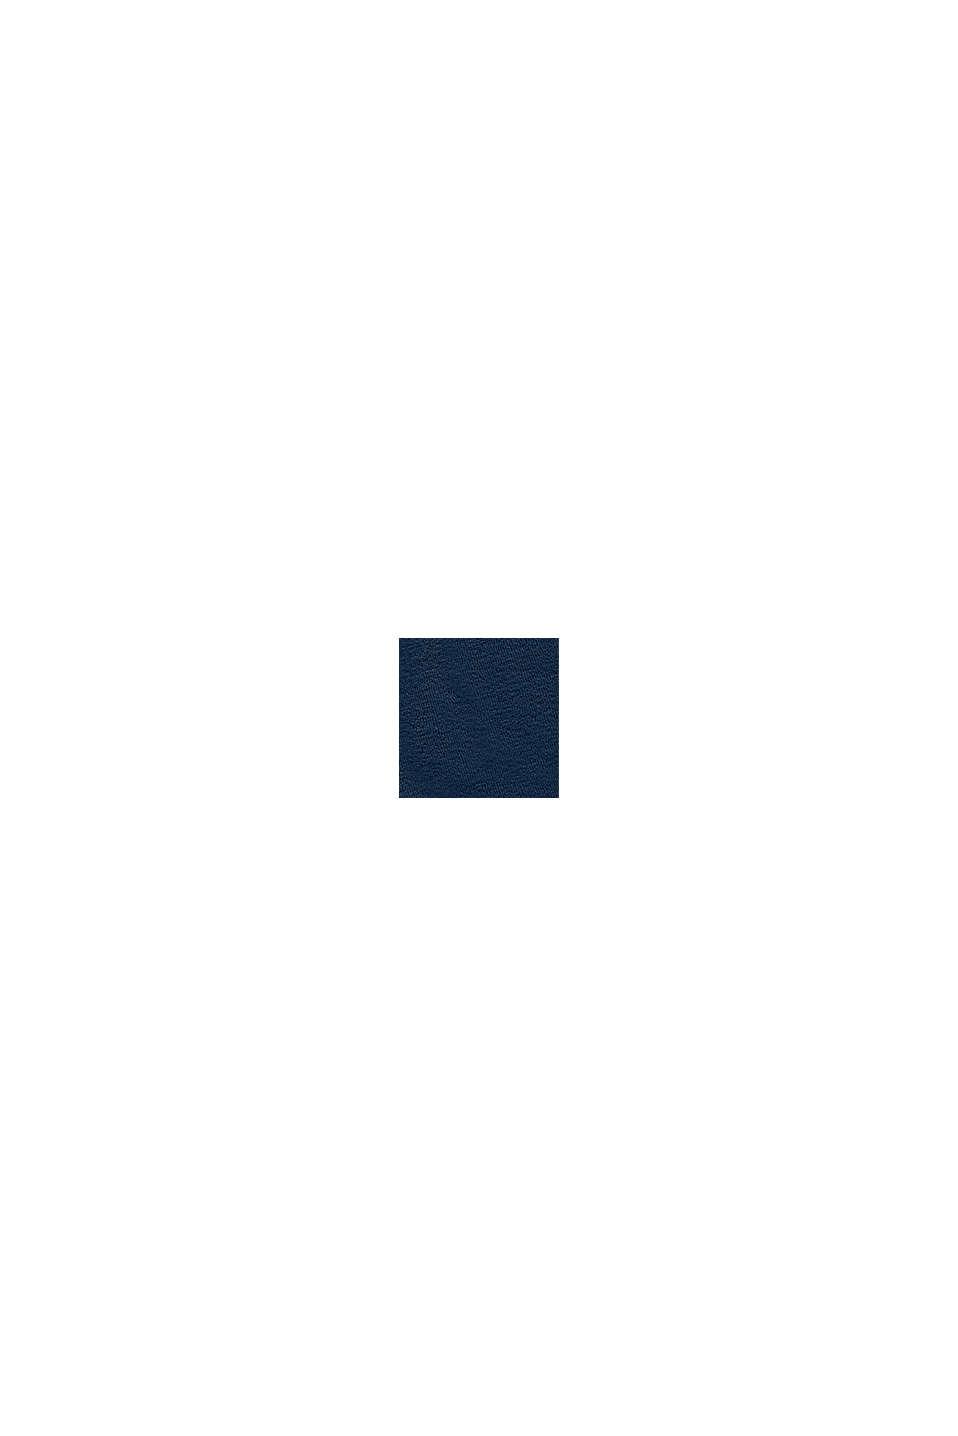 Pantalón corto de felpa en 100 % algodón, PETROL BLUE, swatch